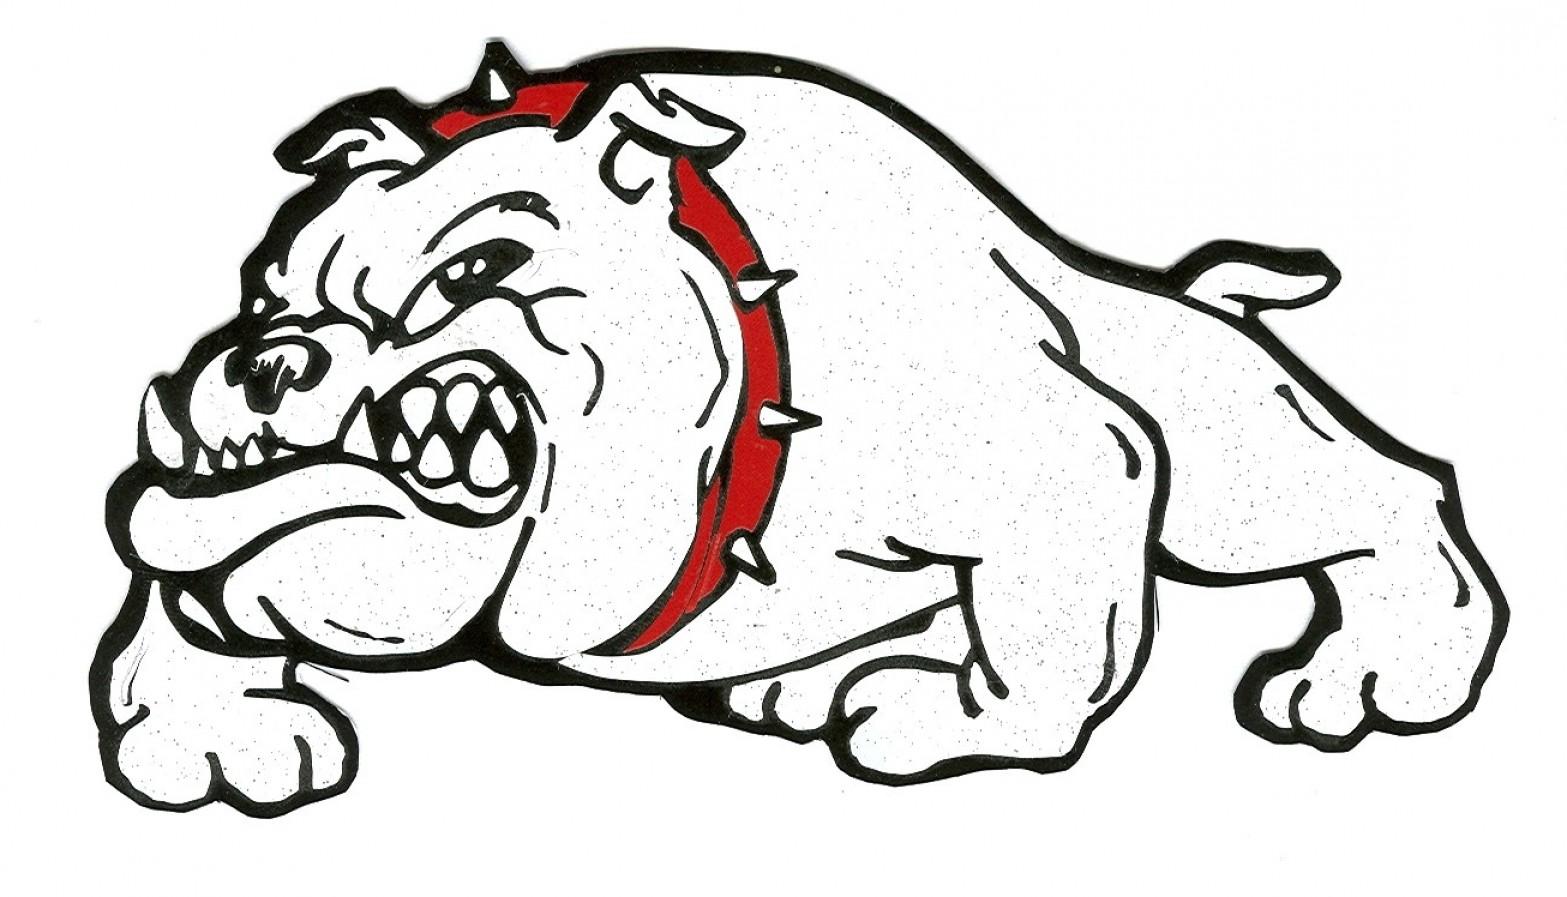 freeuse library Vector bulldog mascot. Clipart new ga uga